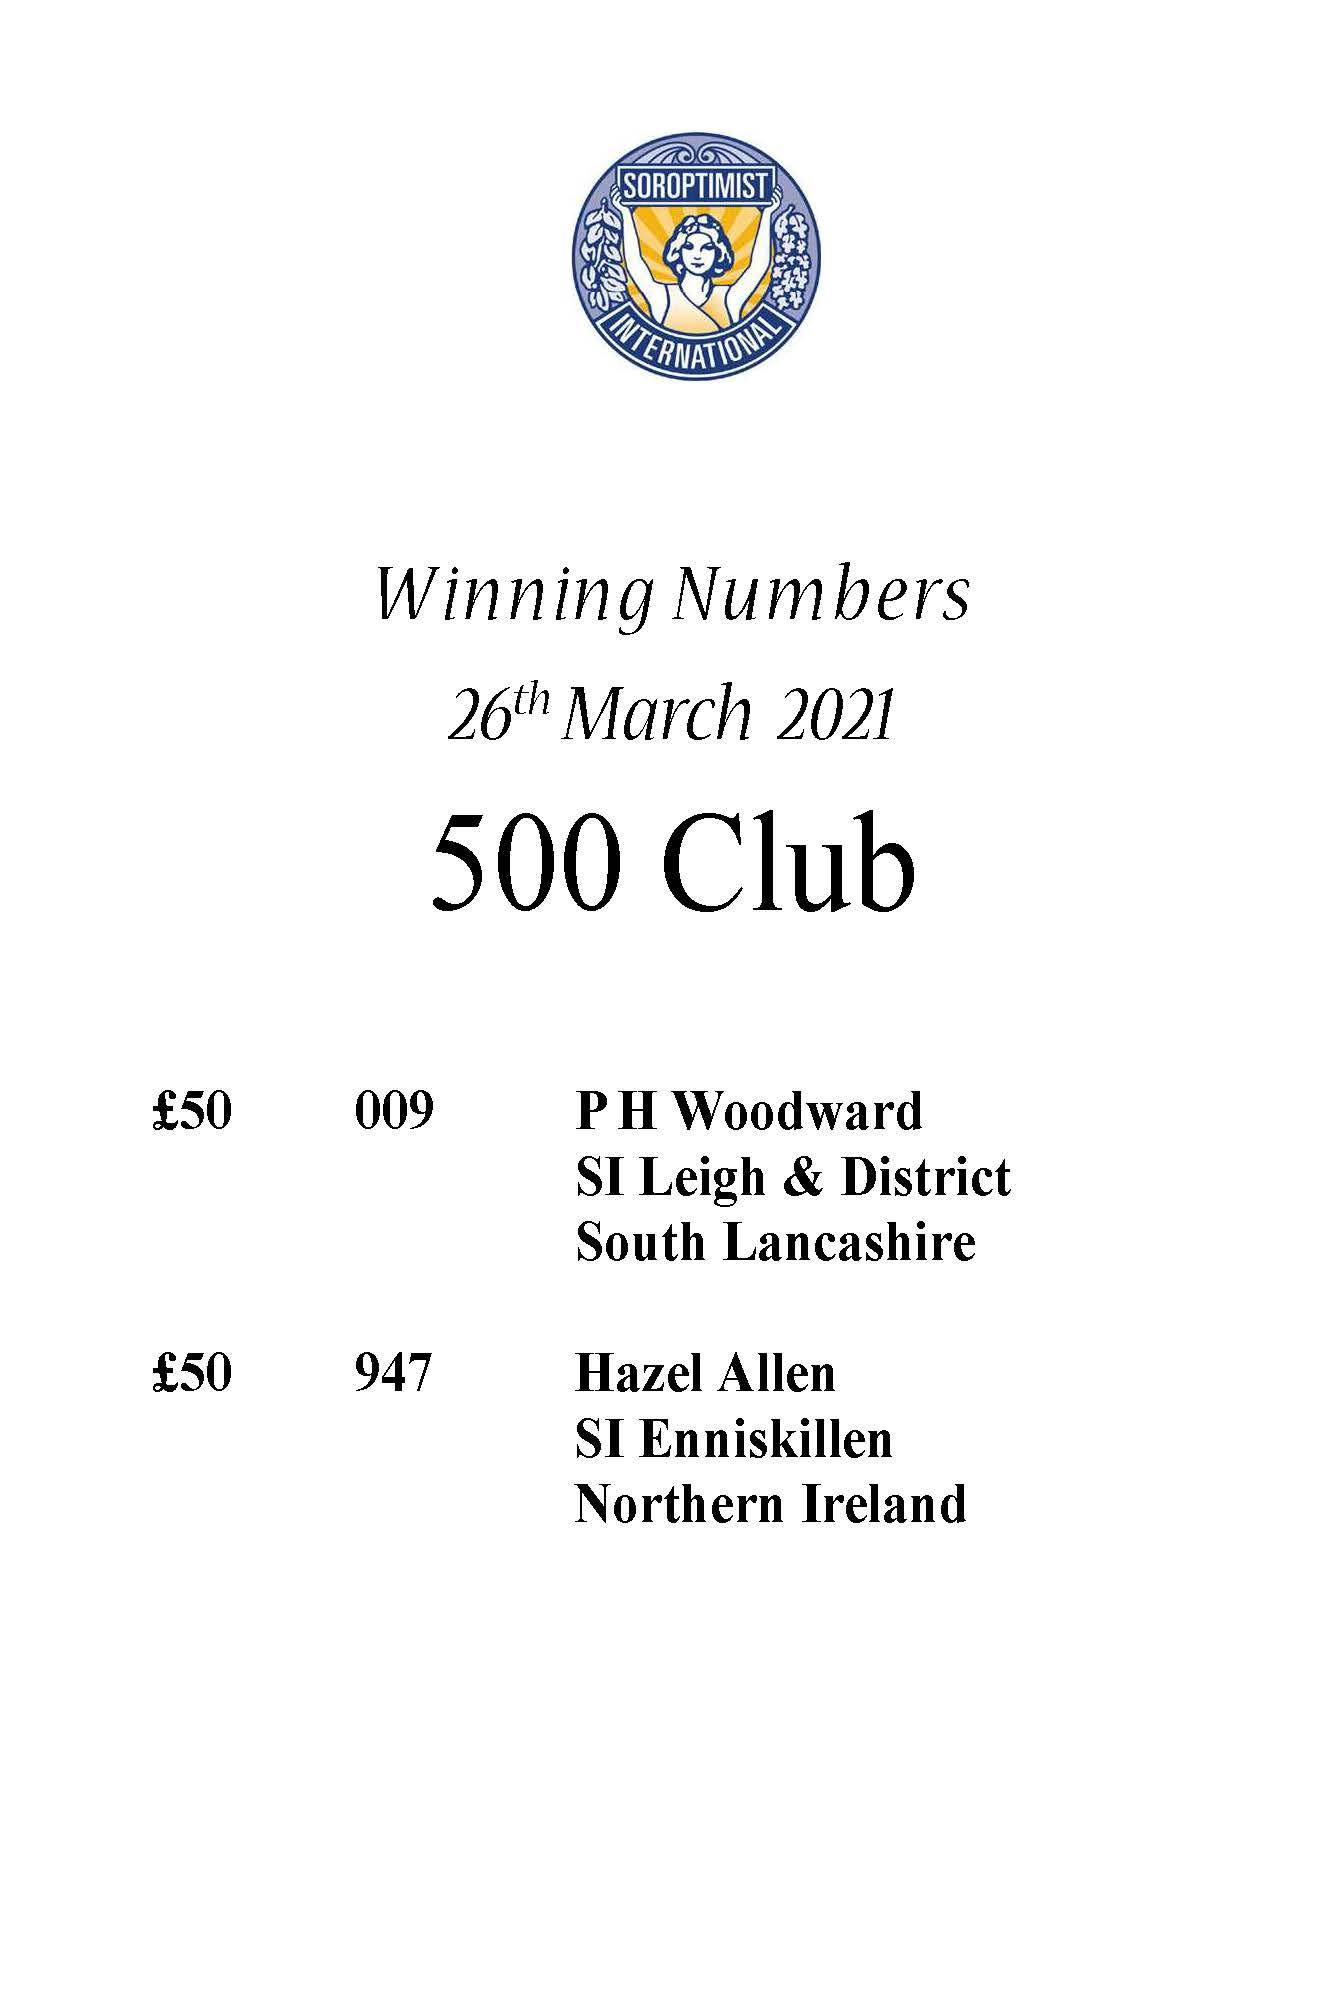 500 Club Winners - February 2021